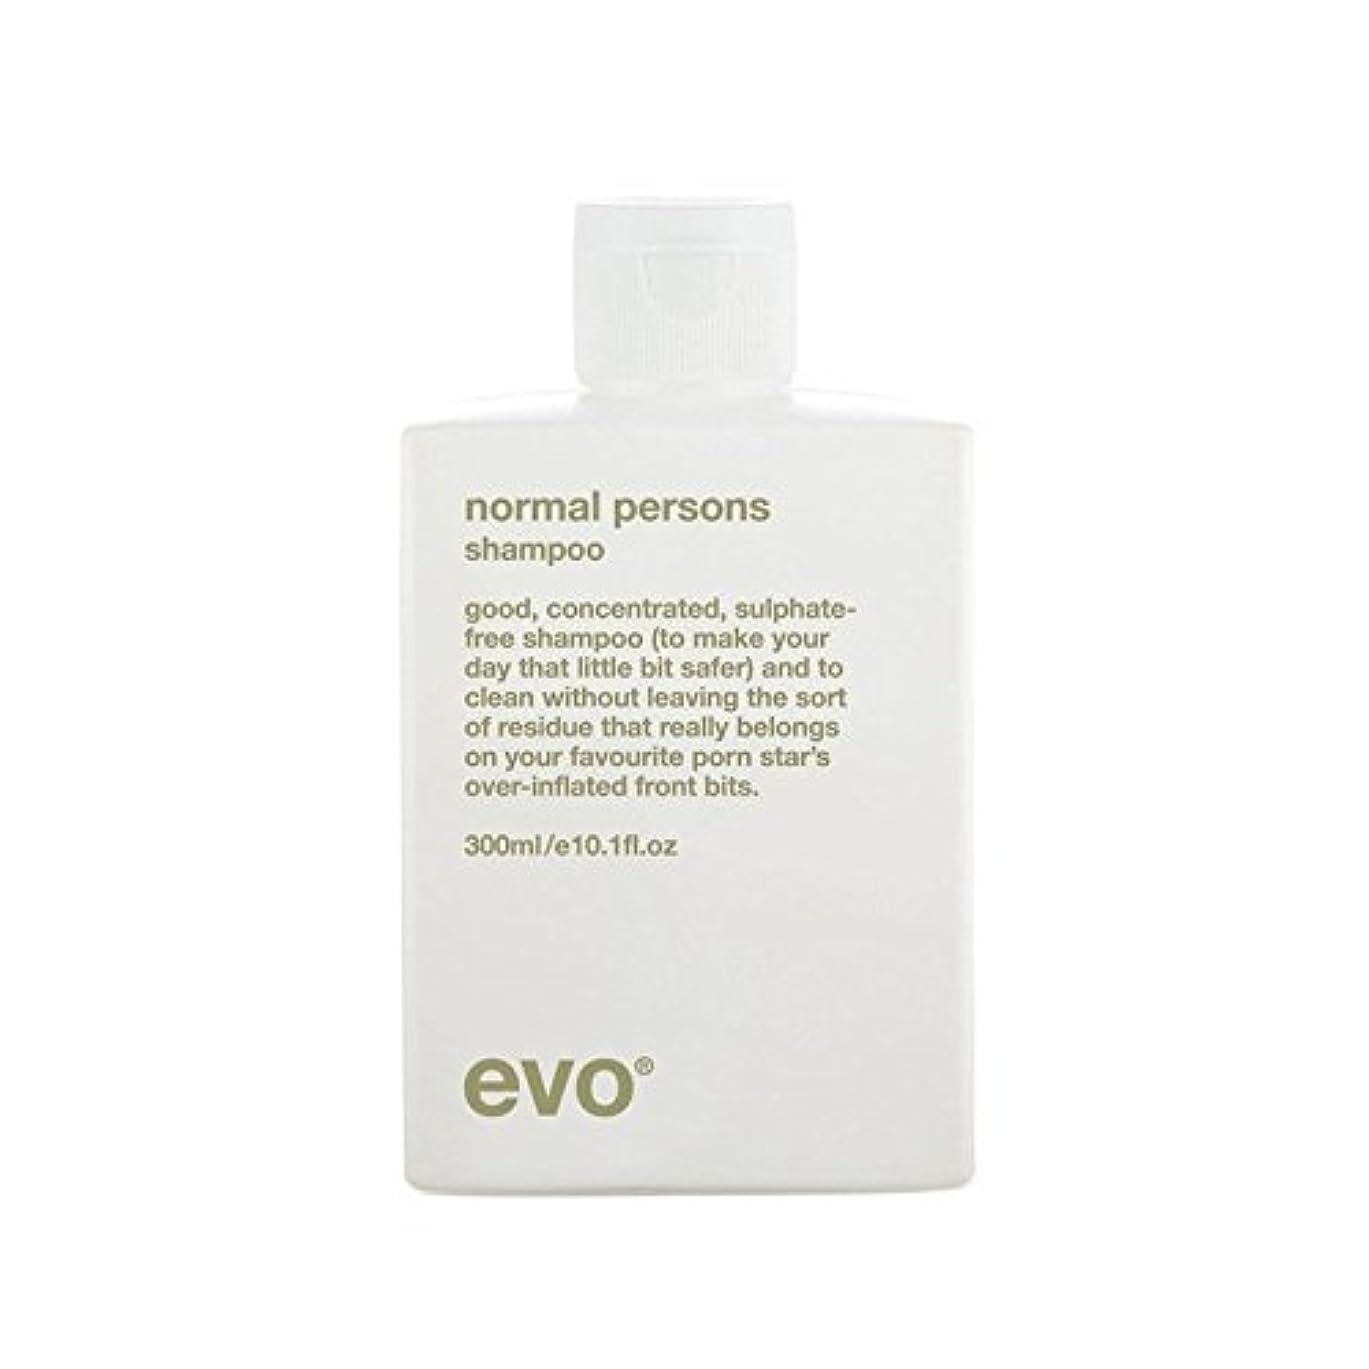 定説フランクワースリー覆すエボ正常人シャンプー(300ミリリットル) x2 - Evo Normal Persons Shampoo (300ml) (Pack of 2) [並行輸入品]